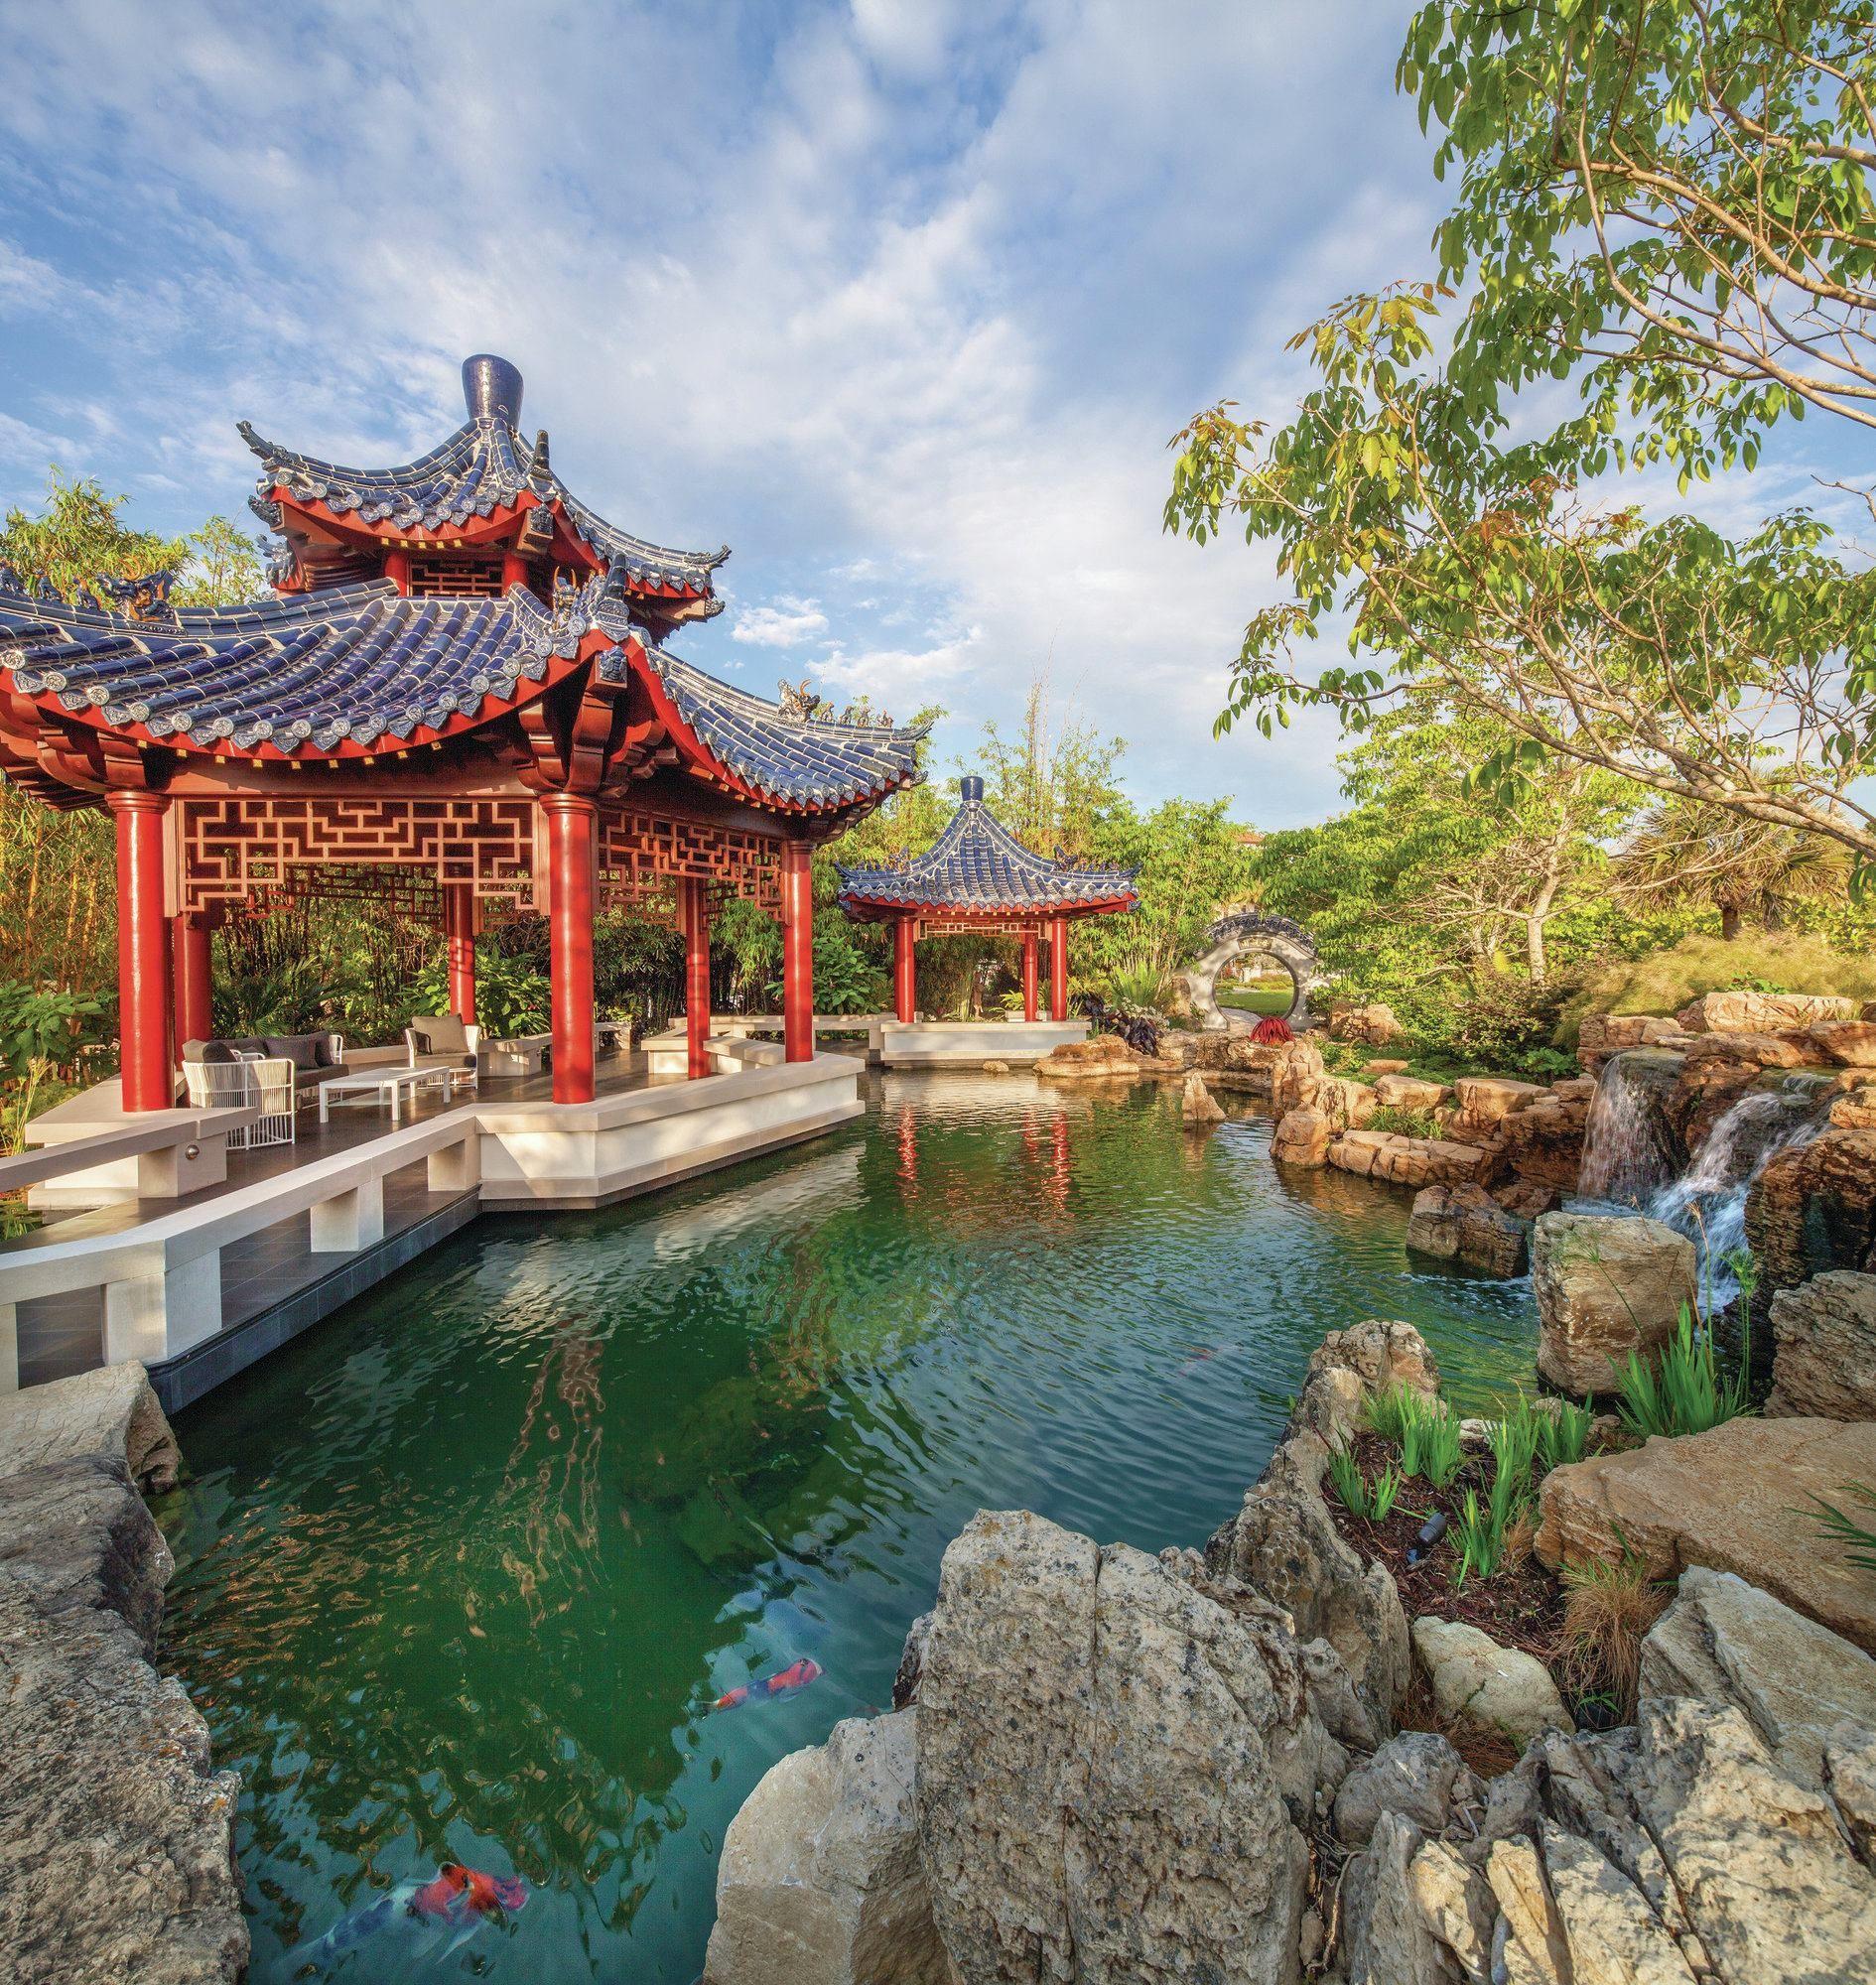 Беседки в китайском стиле на берегу небольшого пруда